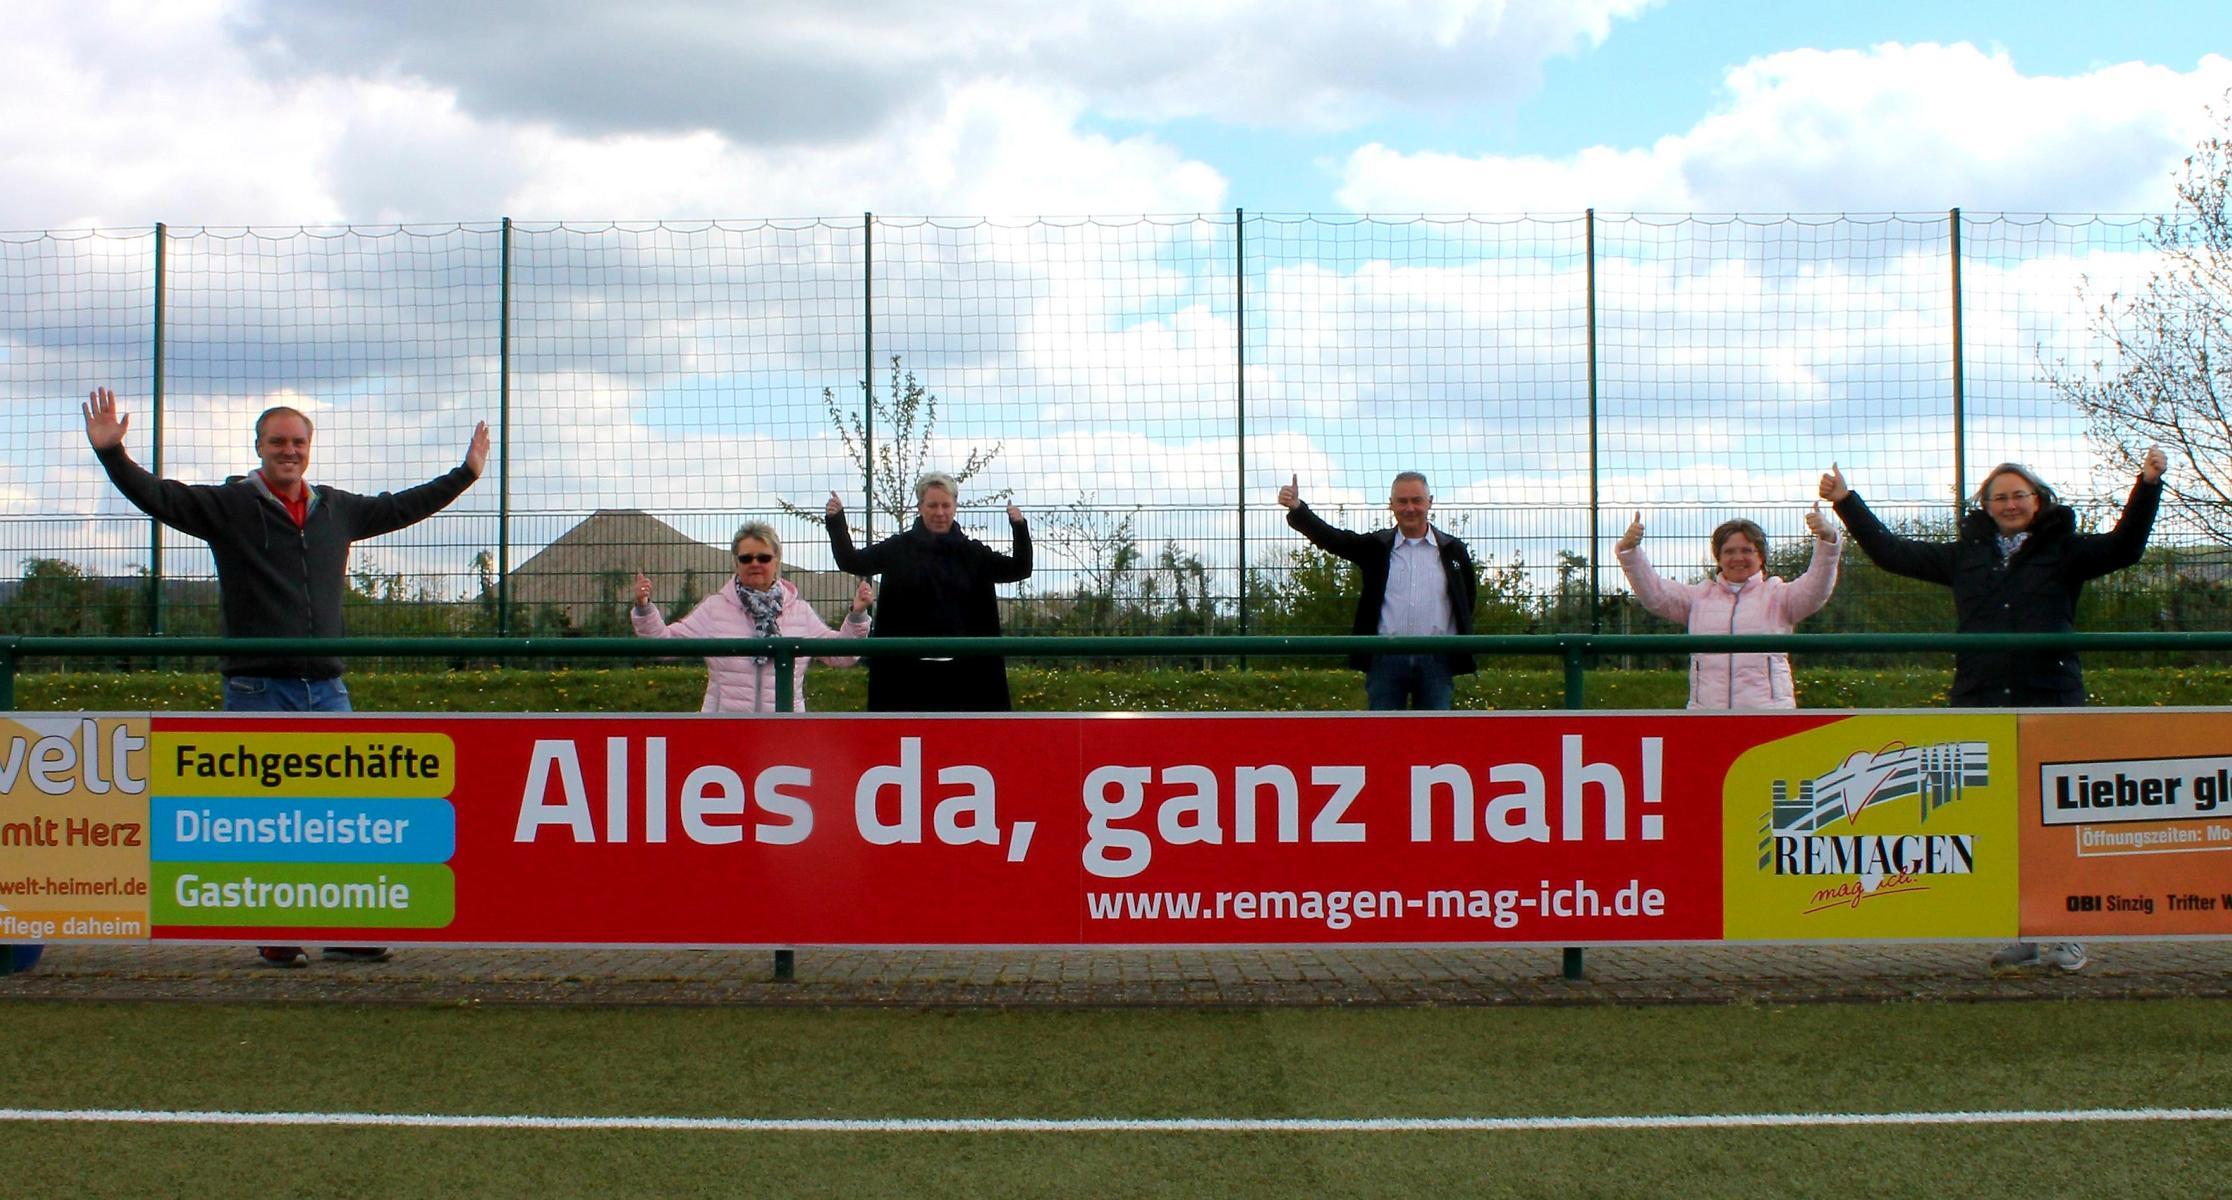 Neue Werbebande des Remagener Gewerbevereins am Kripper Sportplatz